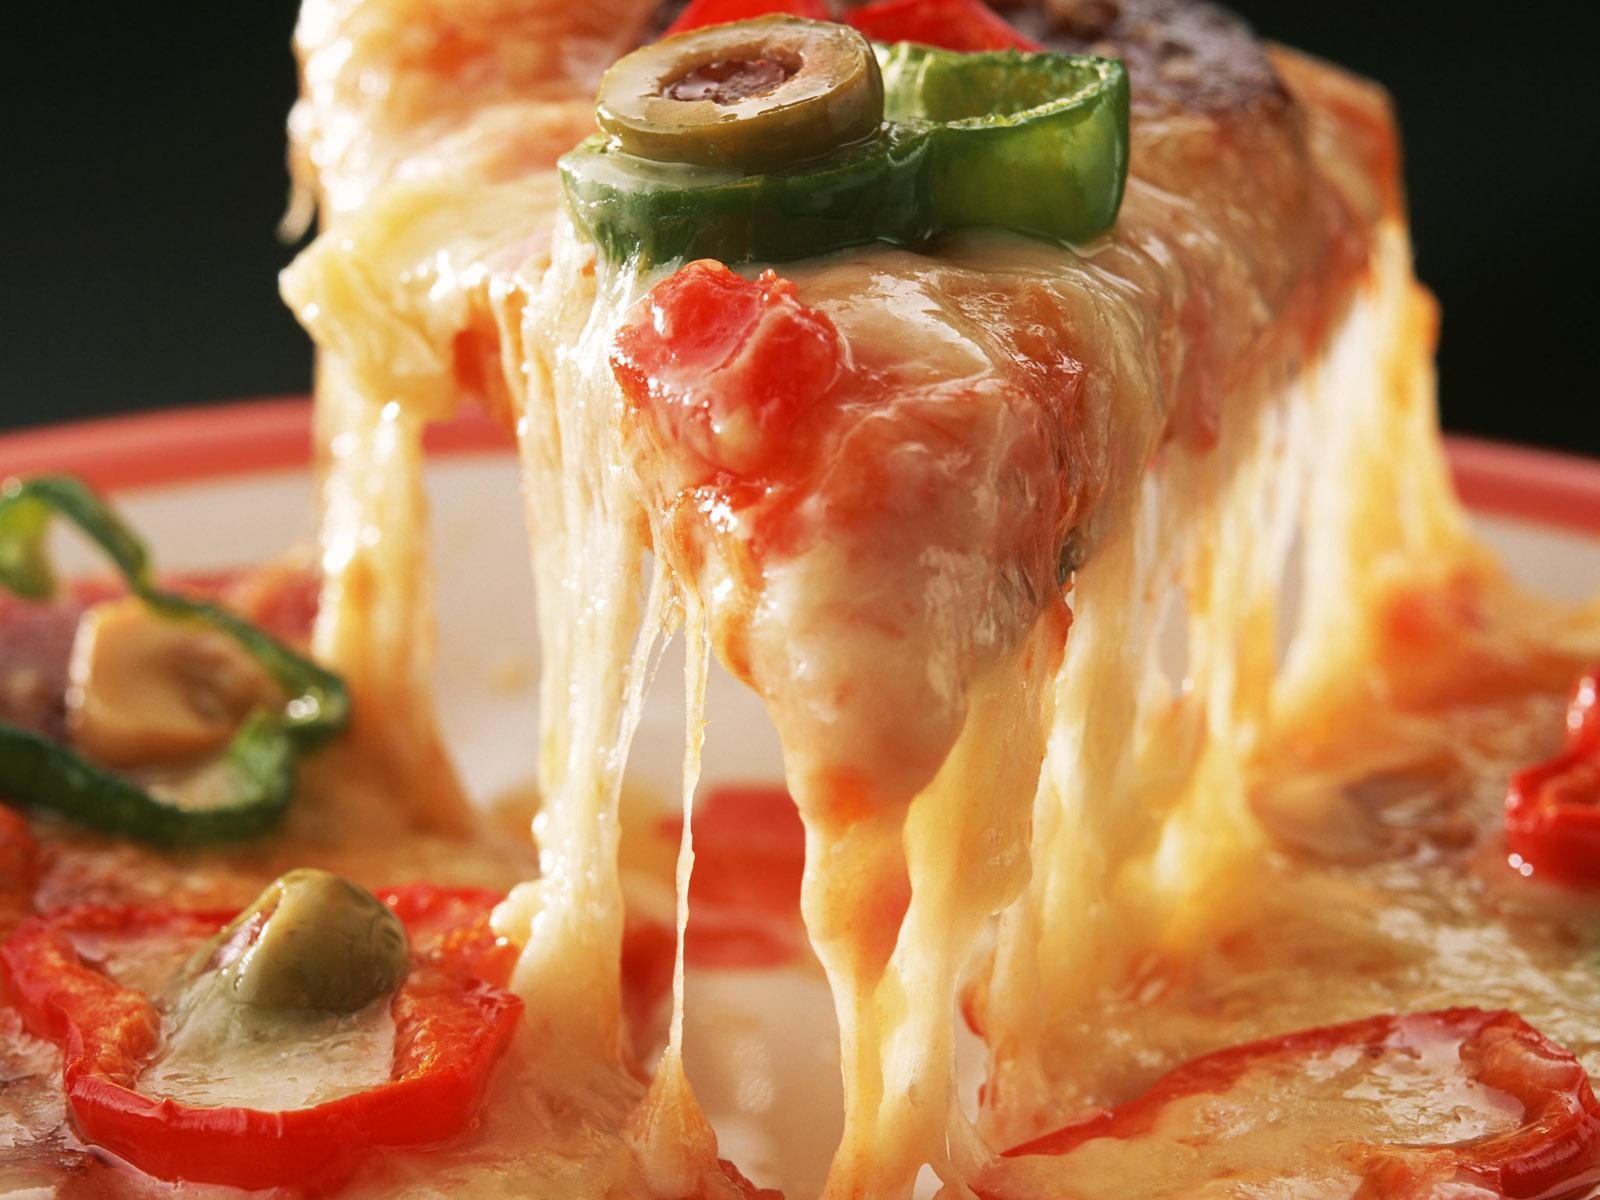 Картинка кусочки Пицца Сыры часть Кусок кусочек